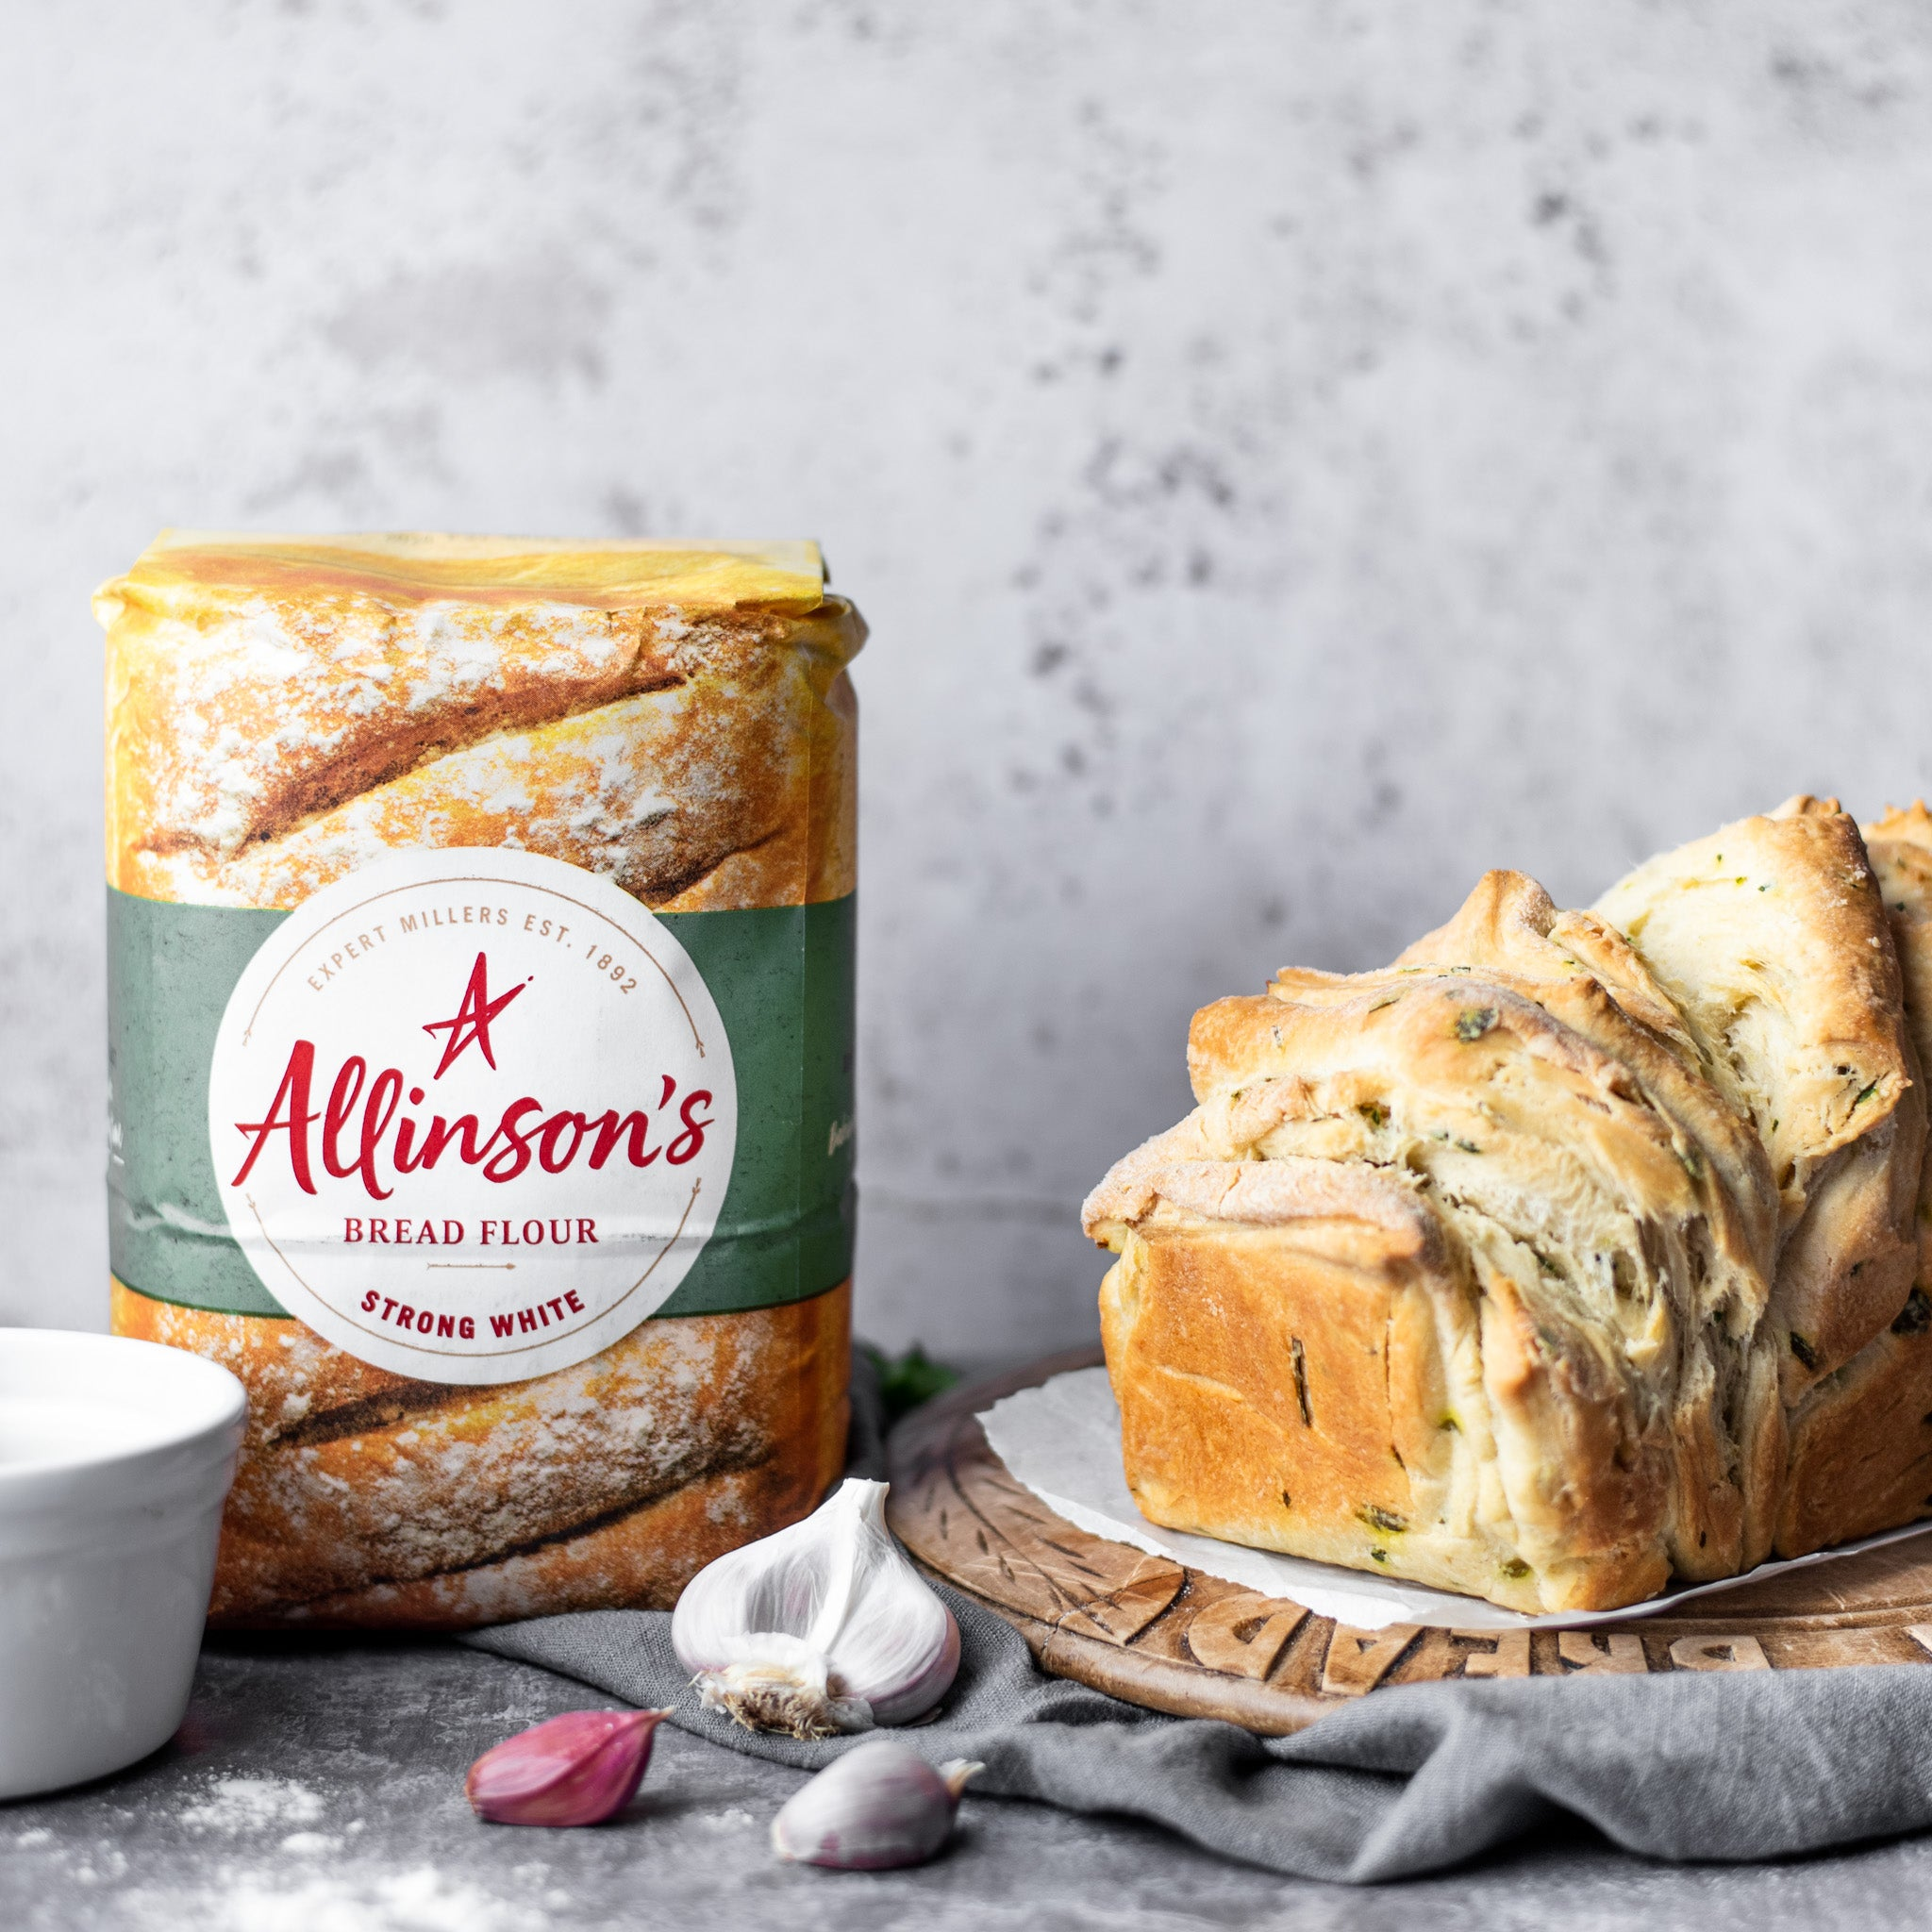 Allinsons-Best-Ever-Garlic-Bread-1-1-Baking-Mad-1.jpg